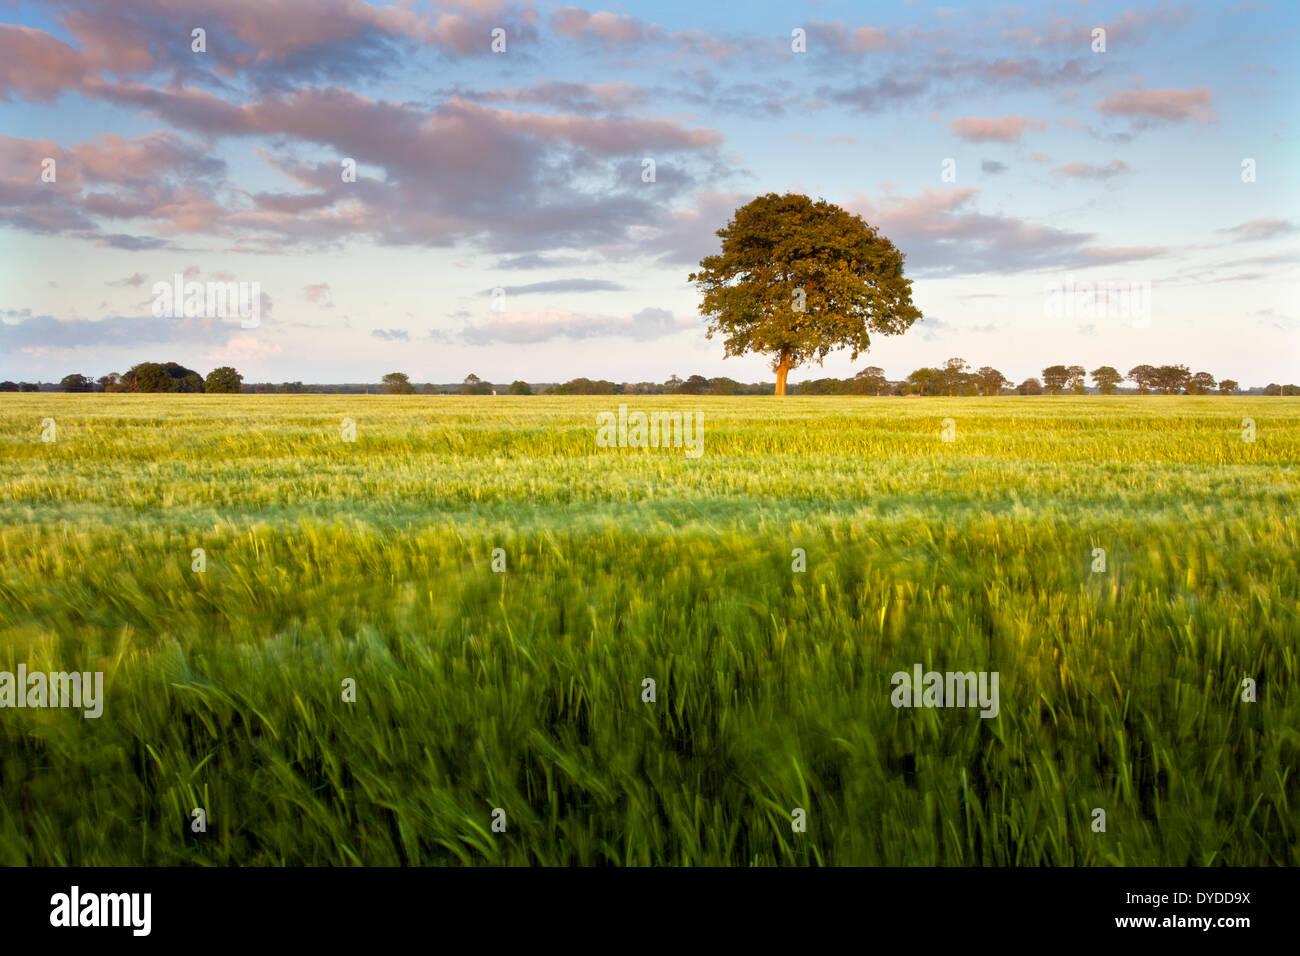 Ein Gerstenfeld in der Norfolk-Landschaft in der Nähe des Dorfes Potter Heigham. Stockbild